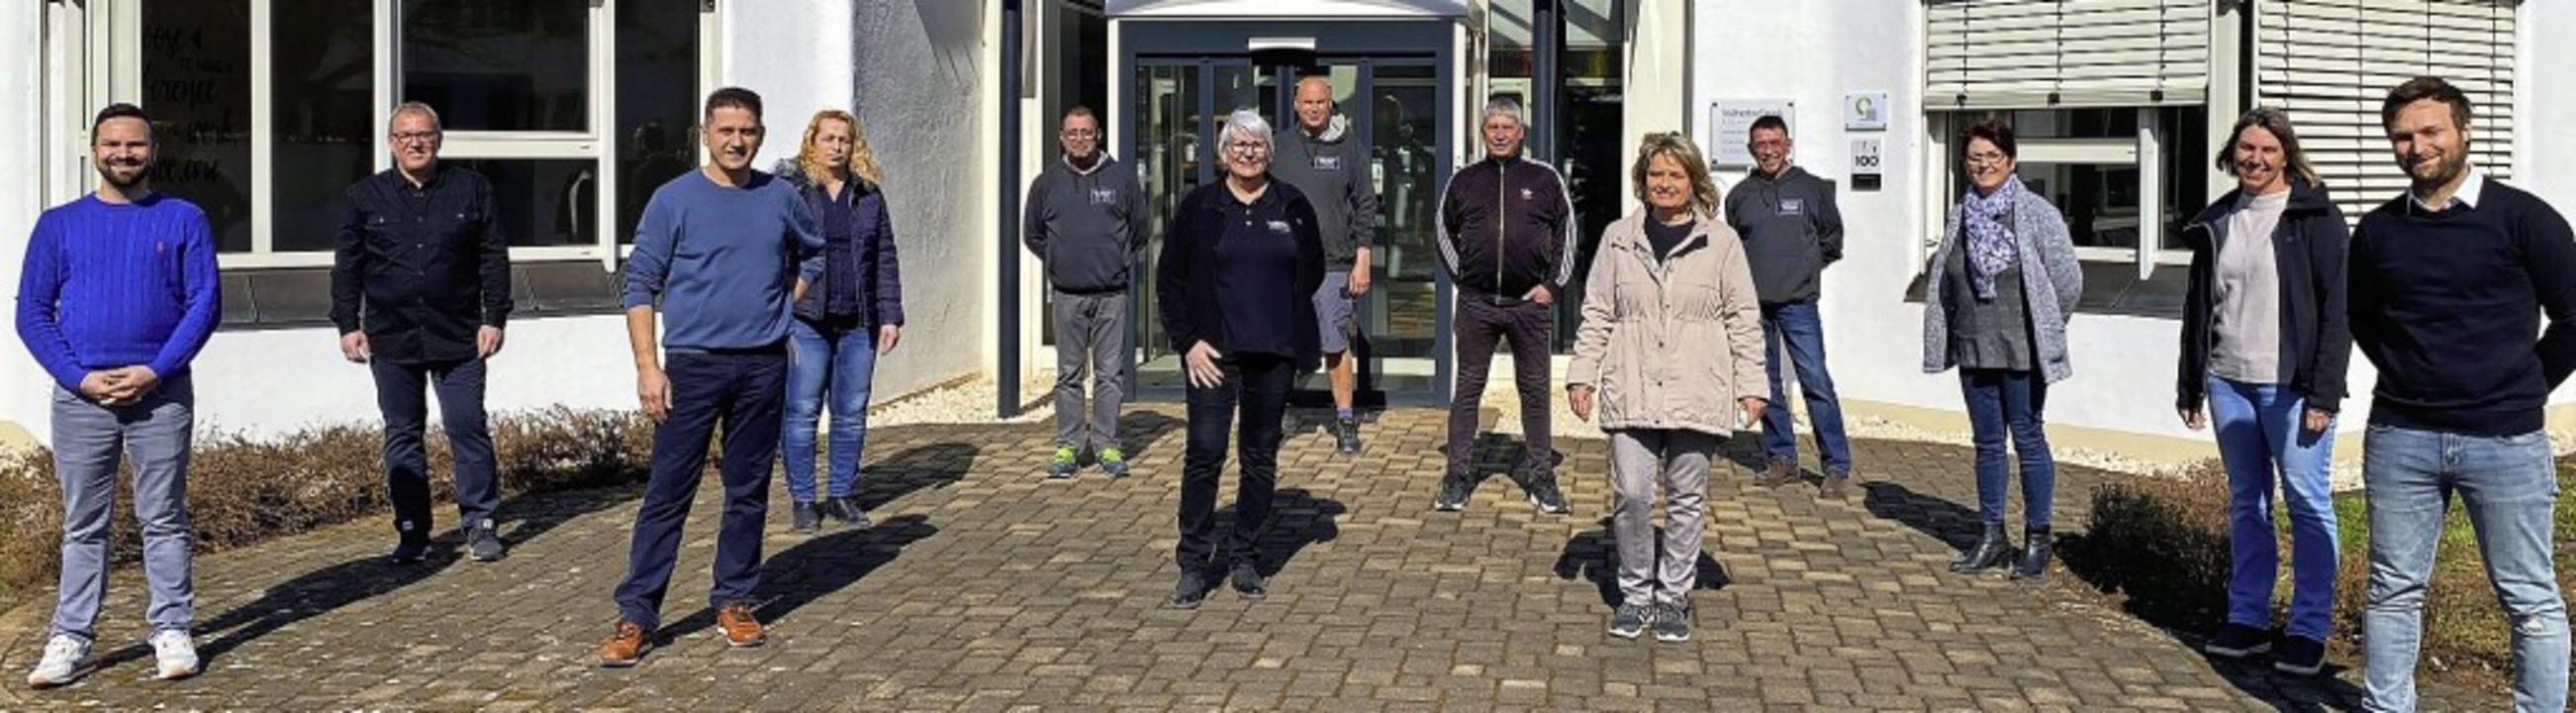 Langjährige Beschäftigte ehrte die End...de Gesellschafter Matthias Vollherbst.  | Foto: Vollherbst Druck